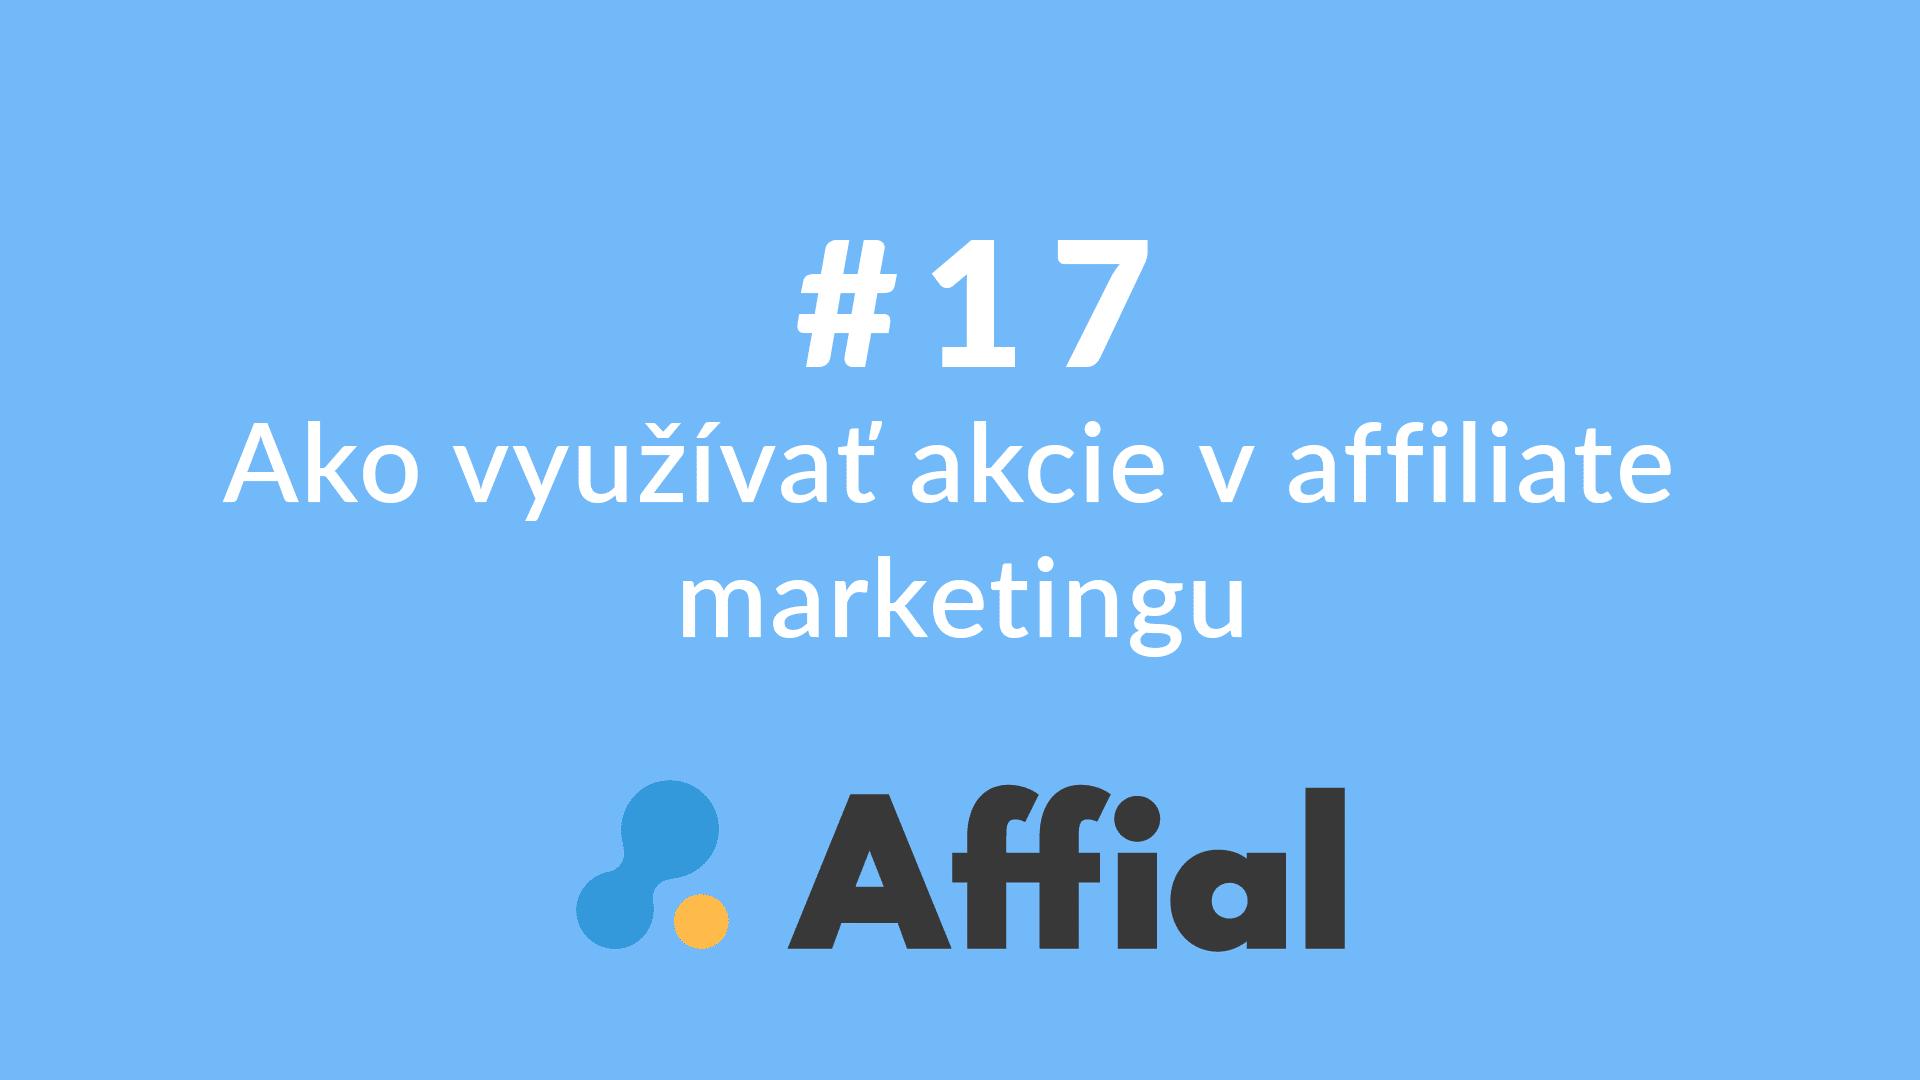 Affial Univerzita 17 - Ako využívať akcie v affiliate